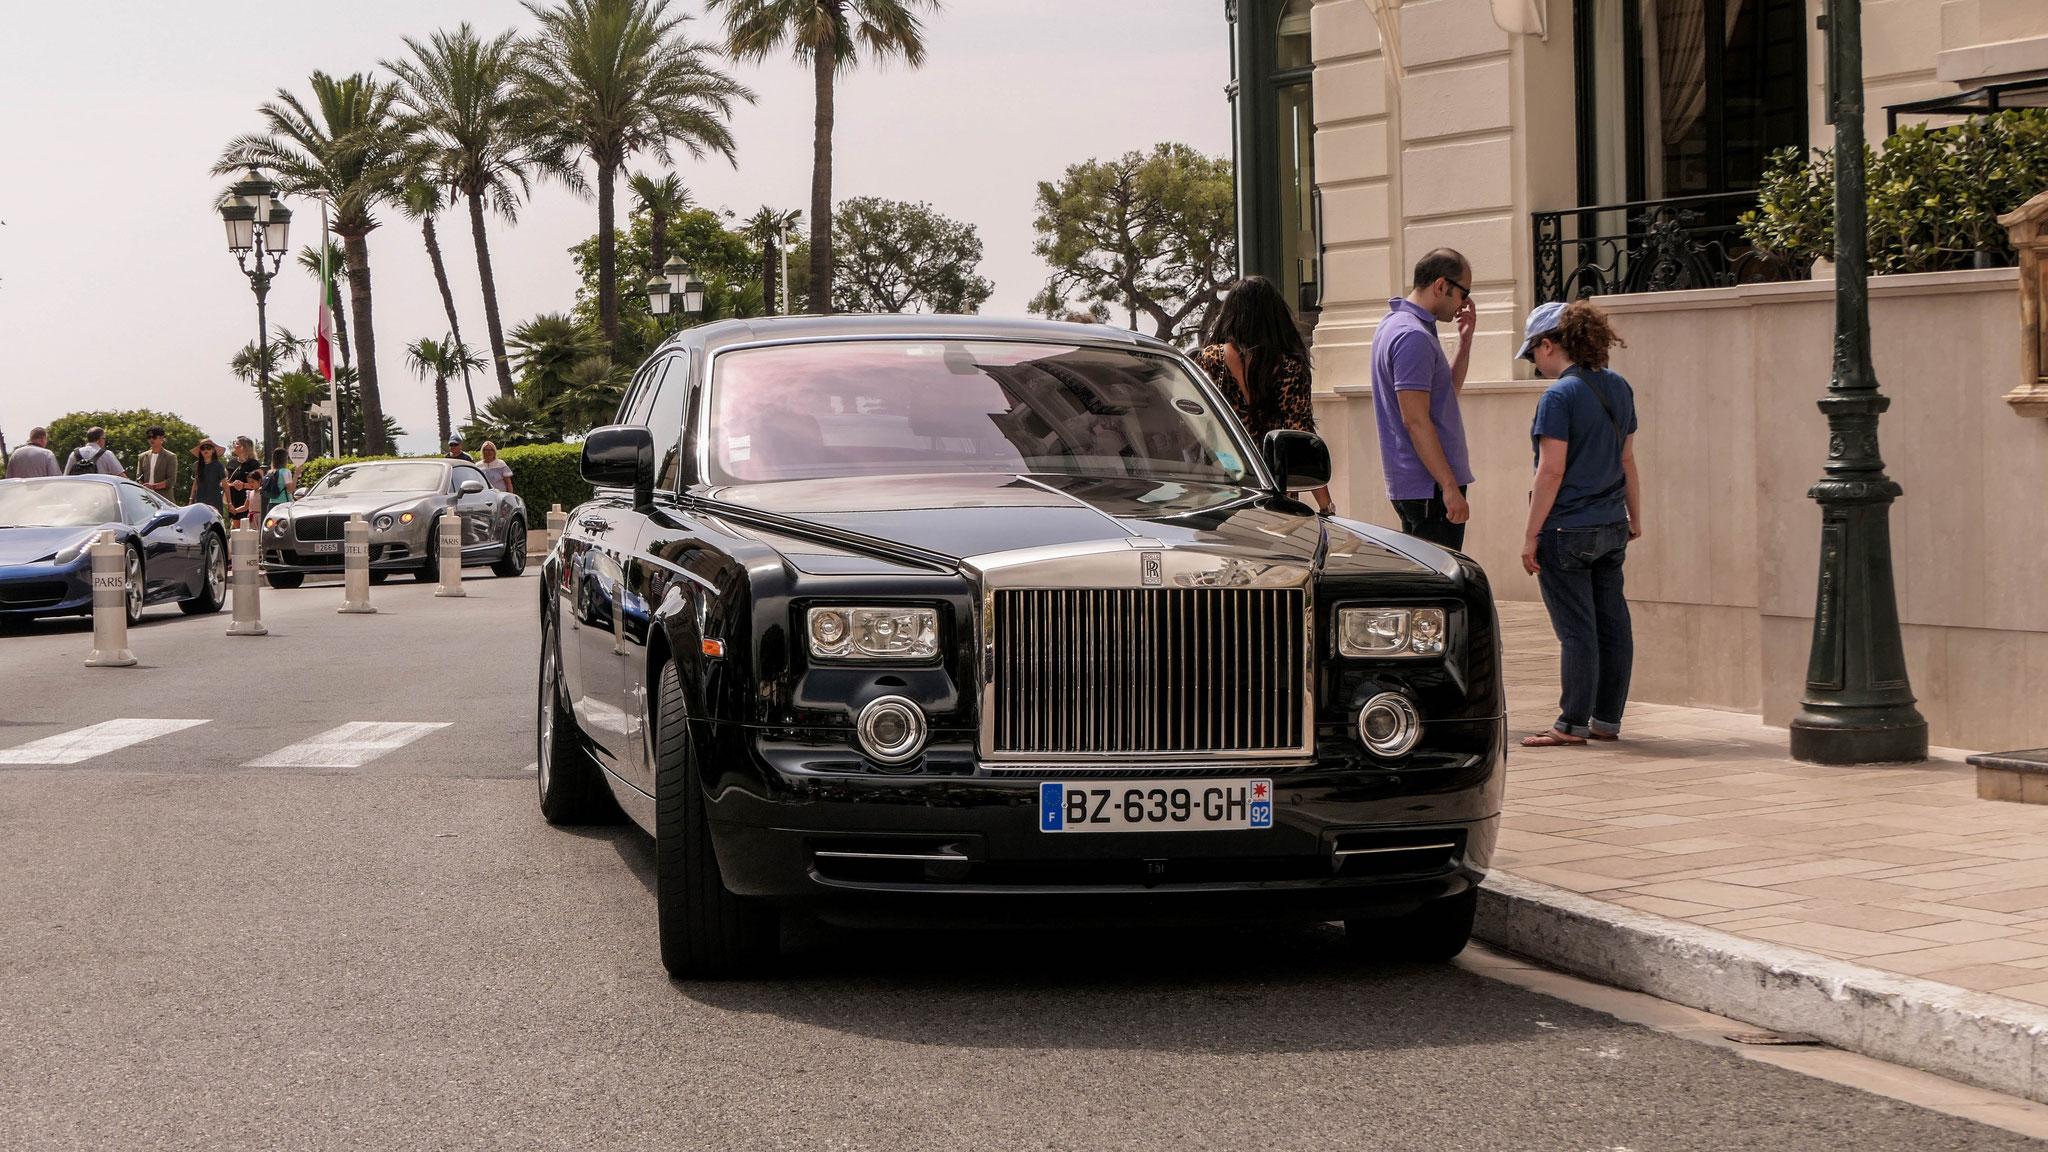 Rolls Royce Phantom - BZ-639-GH-92 (FRA)